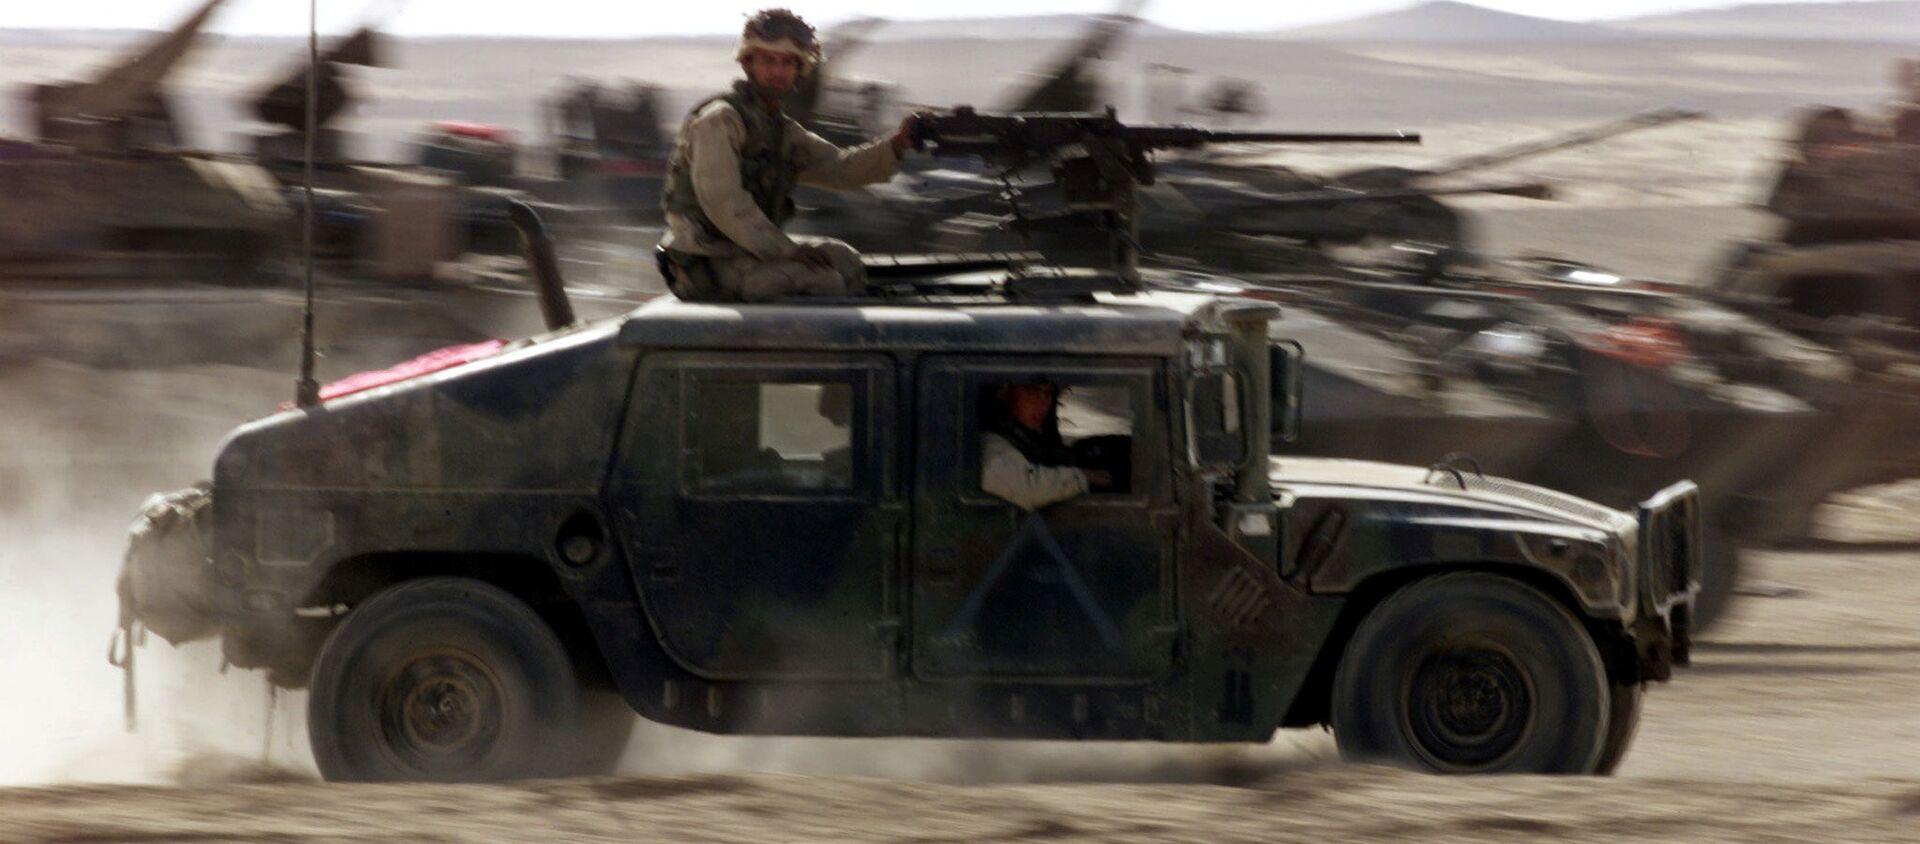 Американские войска покидают Афганистан. Как выглядит война - Sputnik Грузия, 1920, 25.04.2021